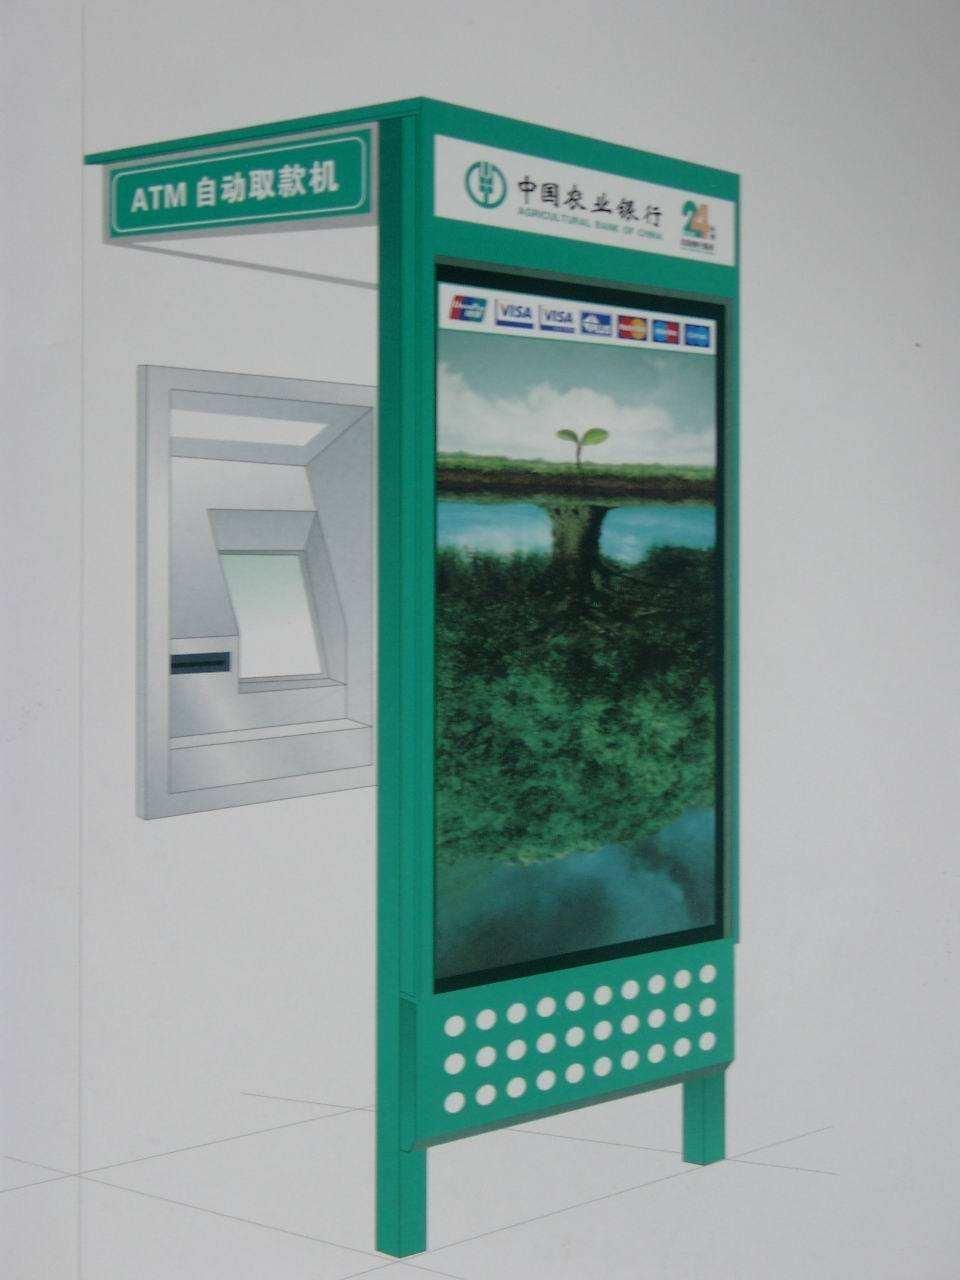 杨浦ATM防护罩库存充足